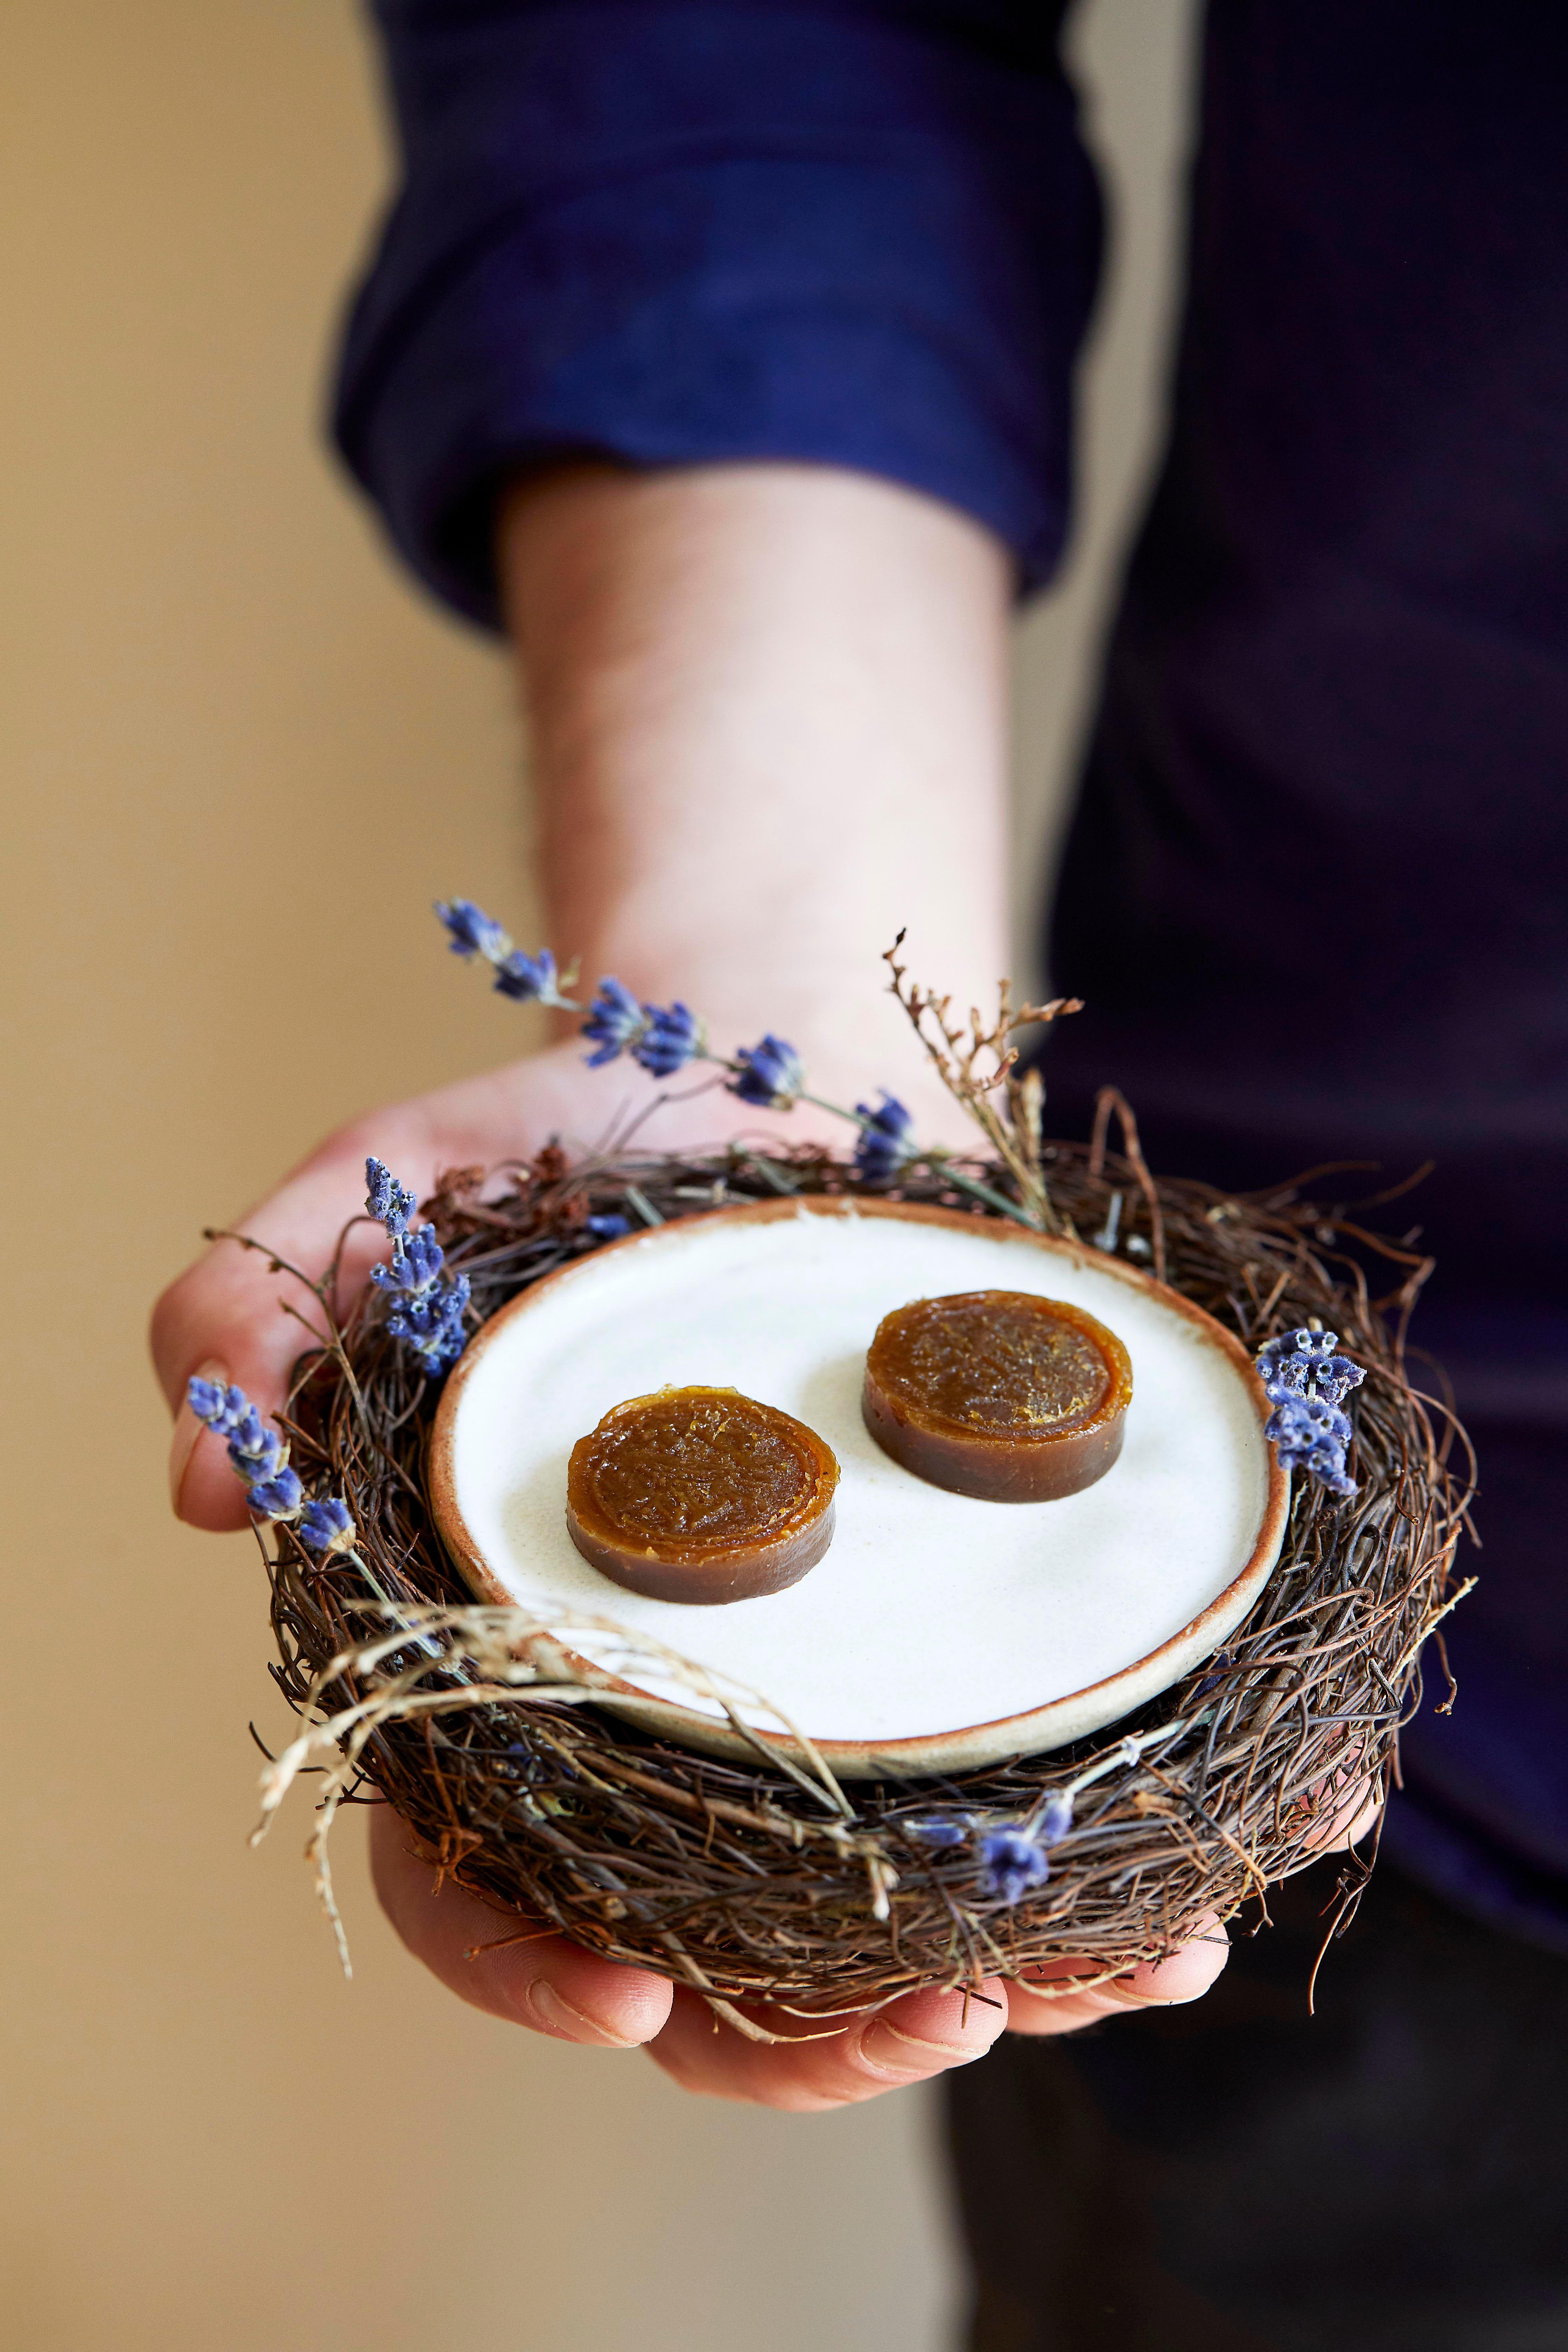 Rețetă de casă toffee cu fructe de ienupăr.  Două cafele servite pe o farfurie mini-alb-alb într-un cuib format din bețe lemnoase și lavandă, așezat pe mâna unei persoane